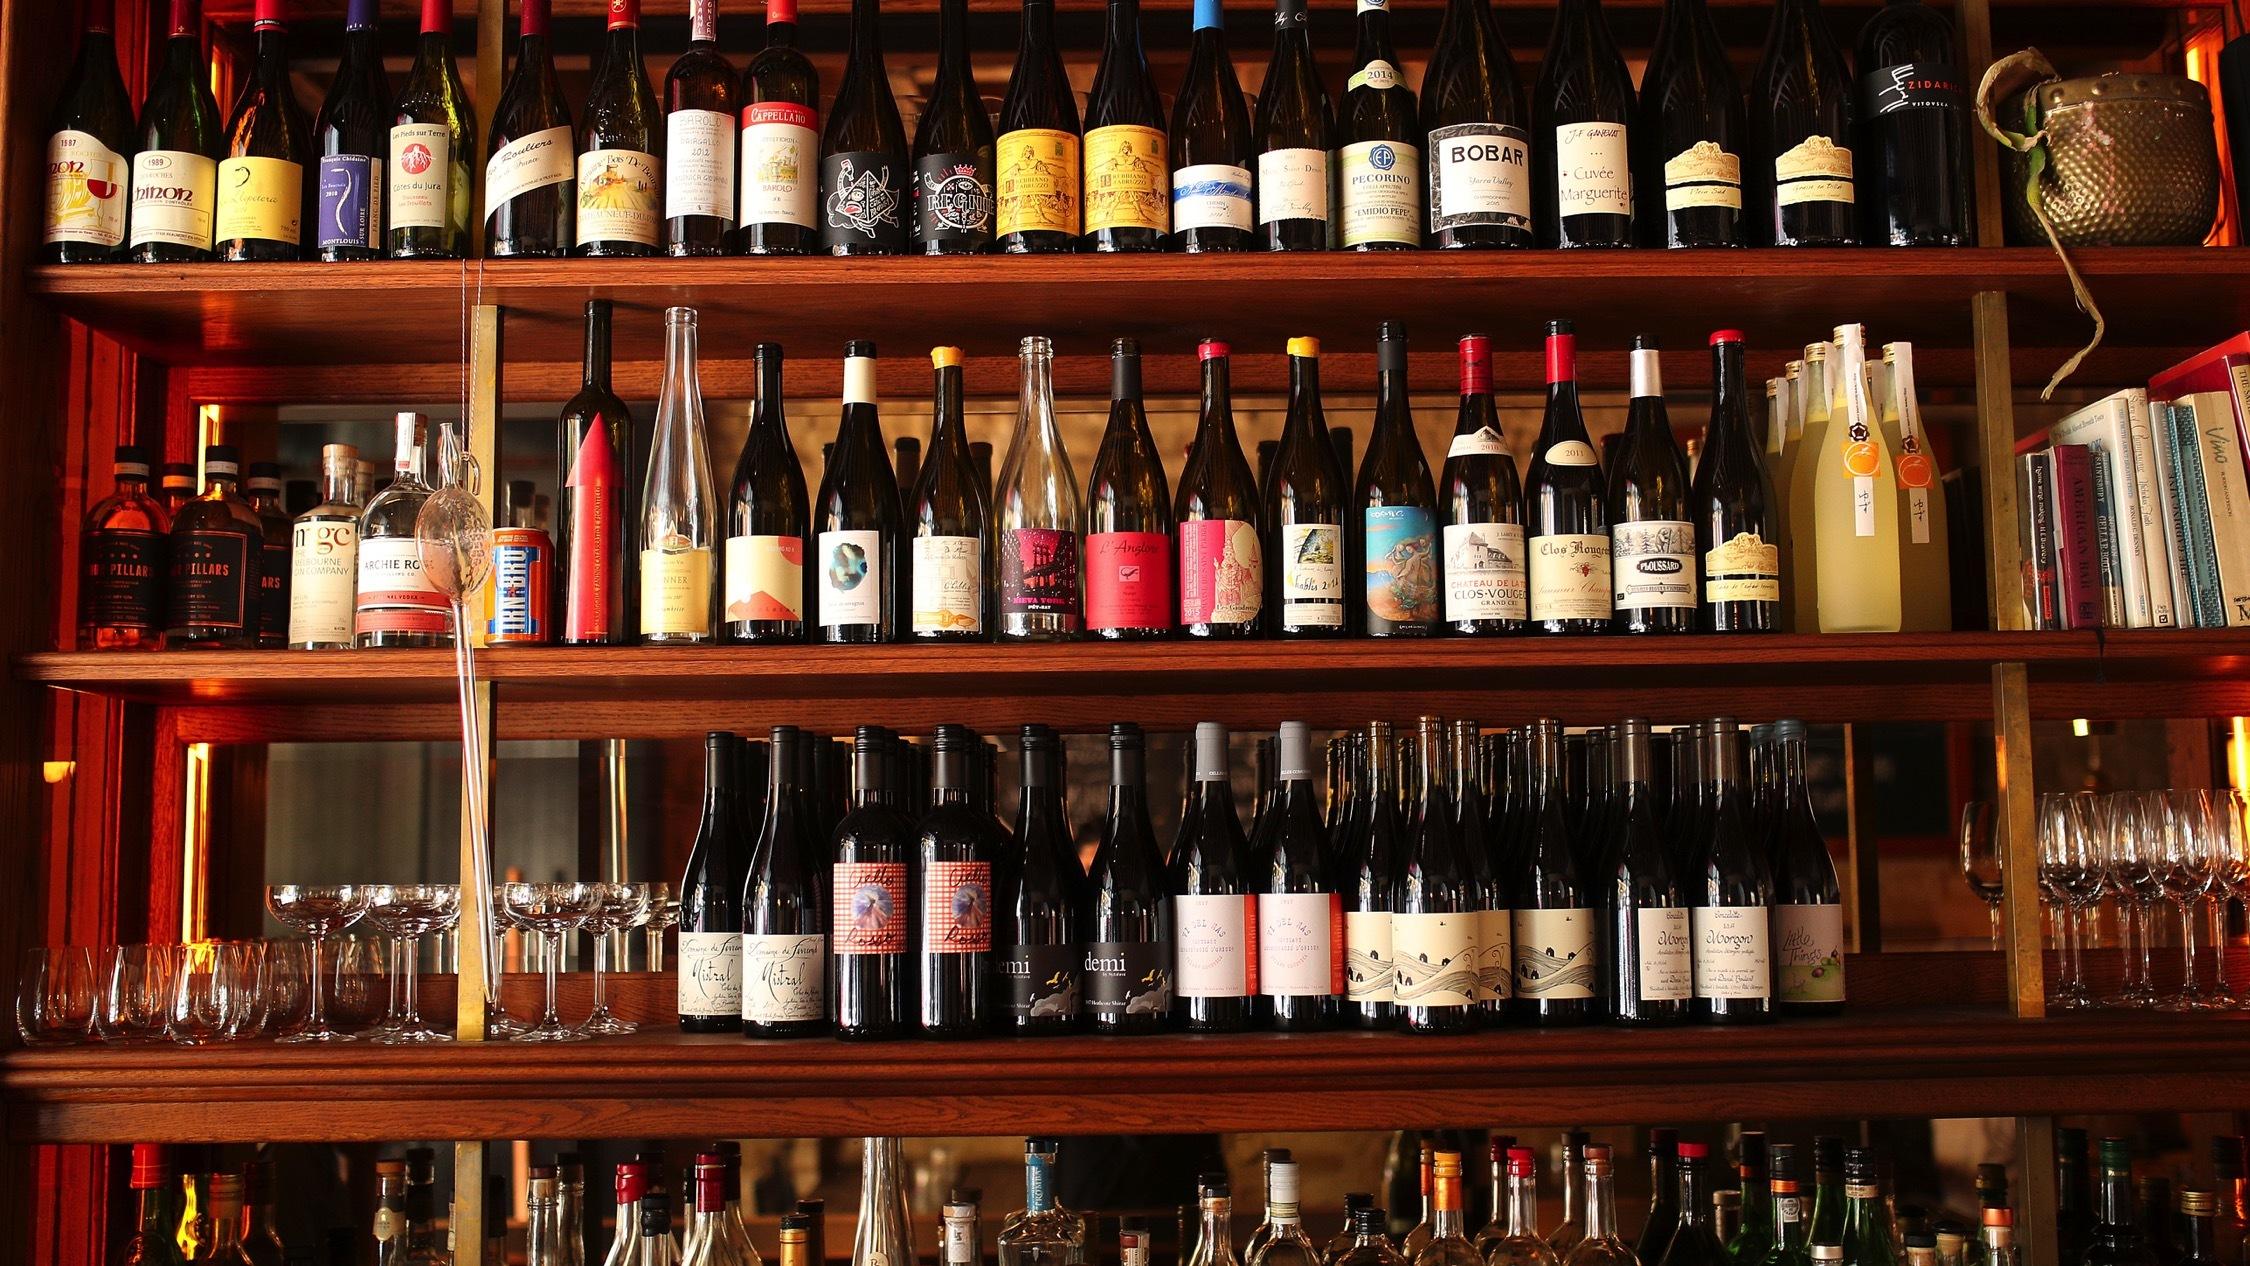 Bottles on shelf at Embla